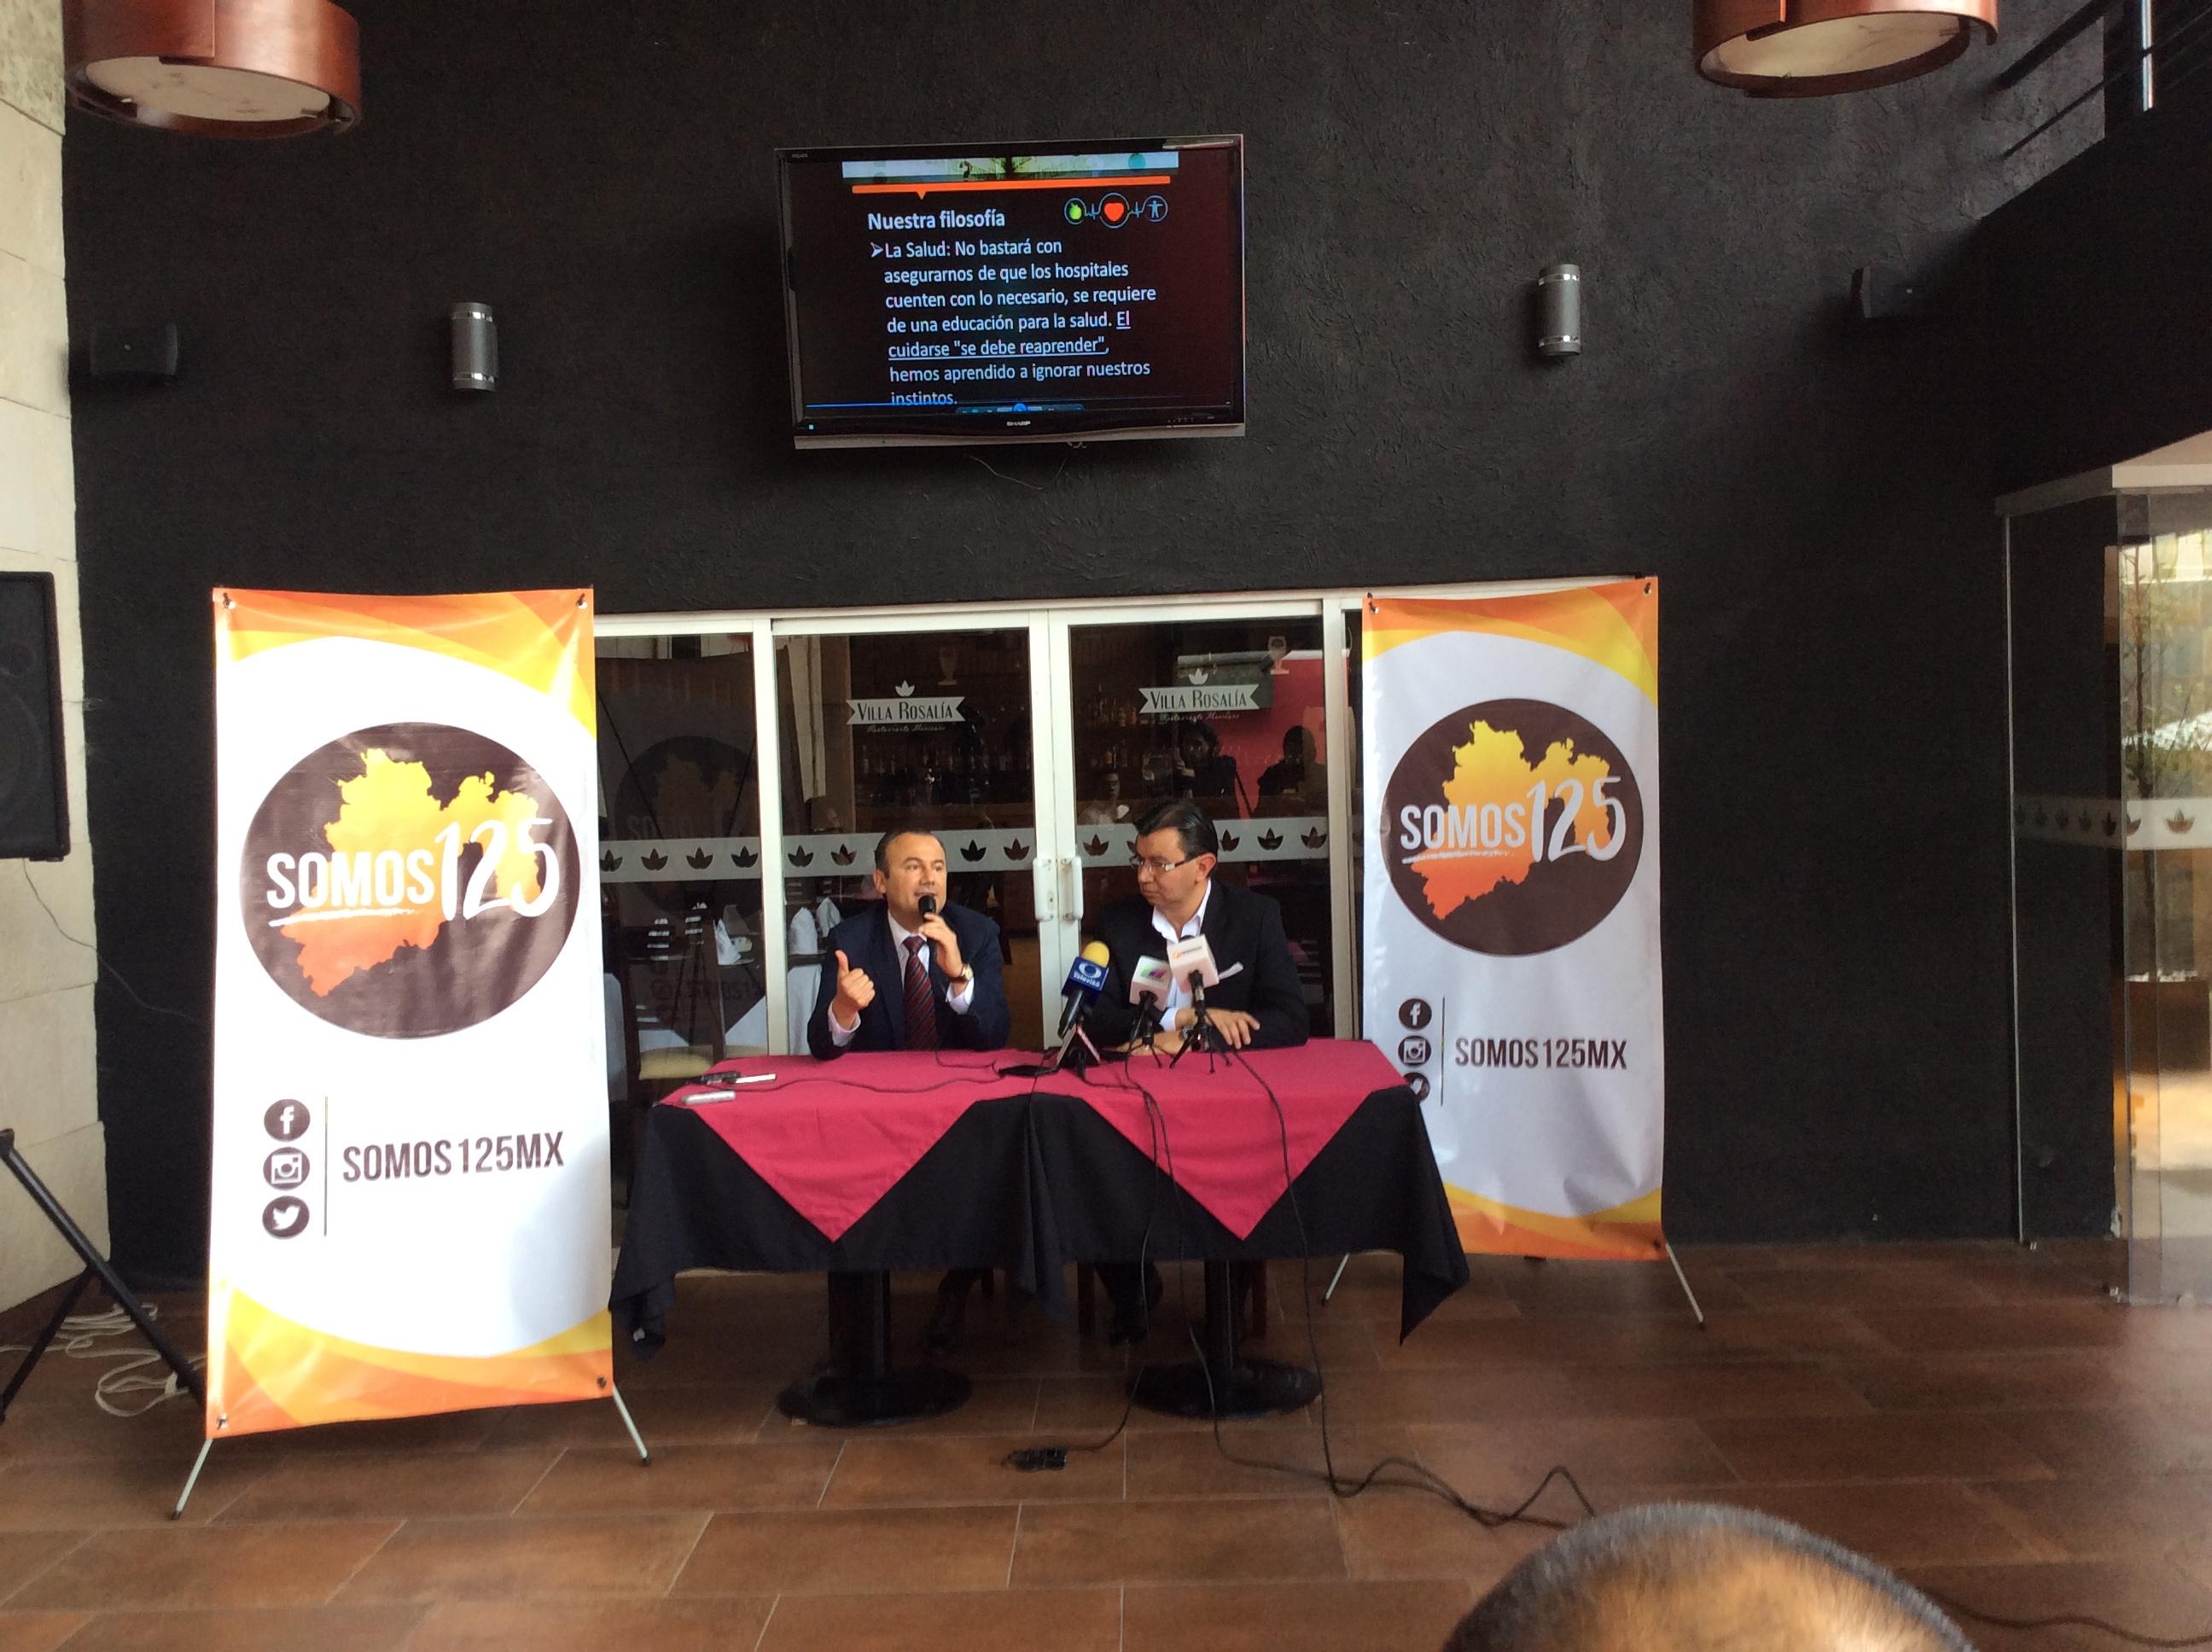 Rumbo a elecciones, crean movimiento #Somos125